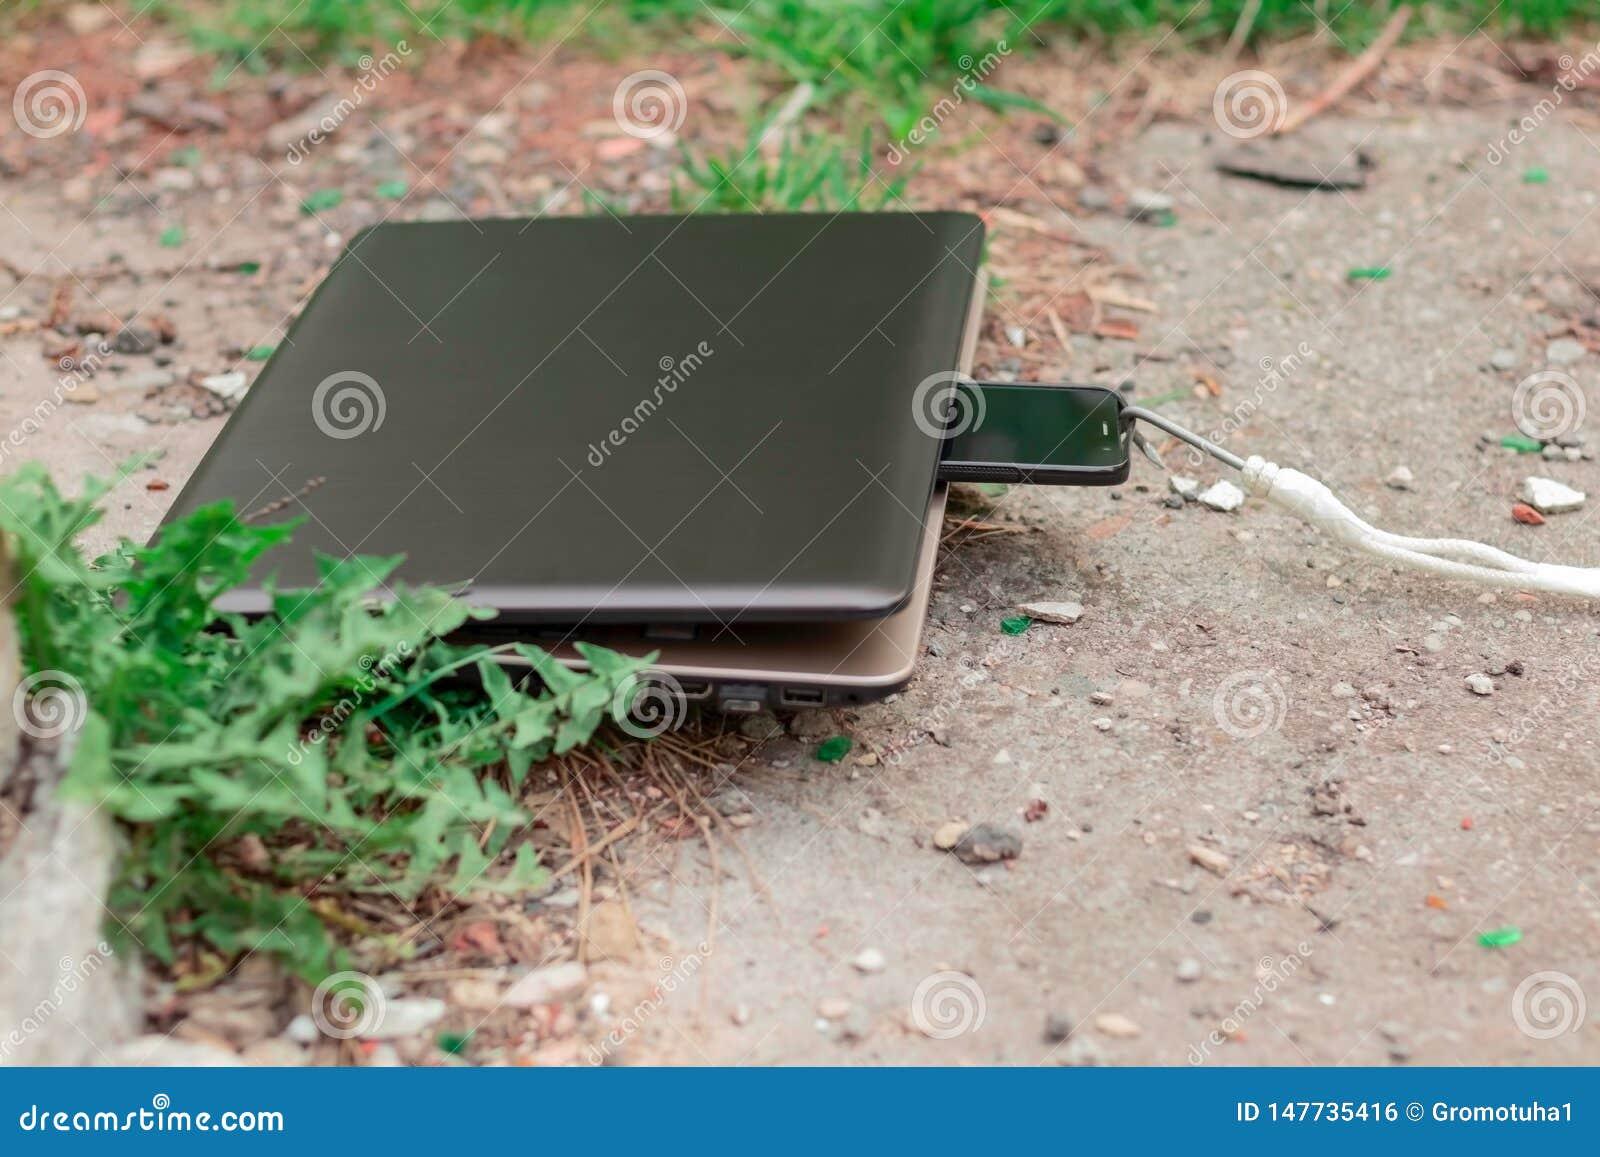 Ordinateur portable et smartphone pendant le déjeuner Le dispositif puissant absorbe l instrument périmé Abstraction